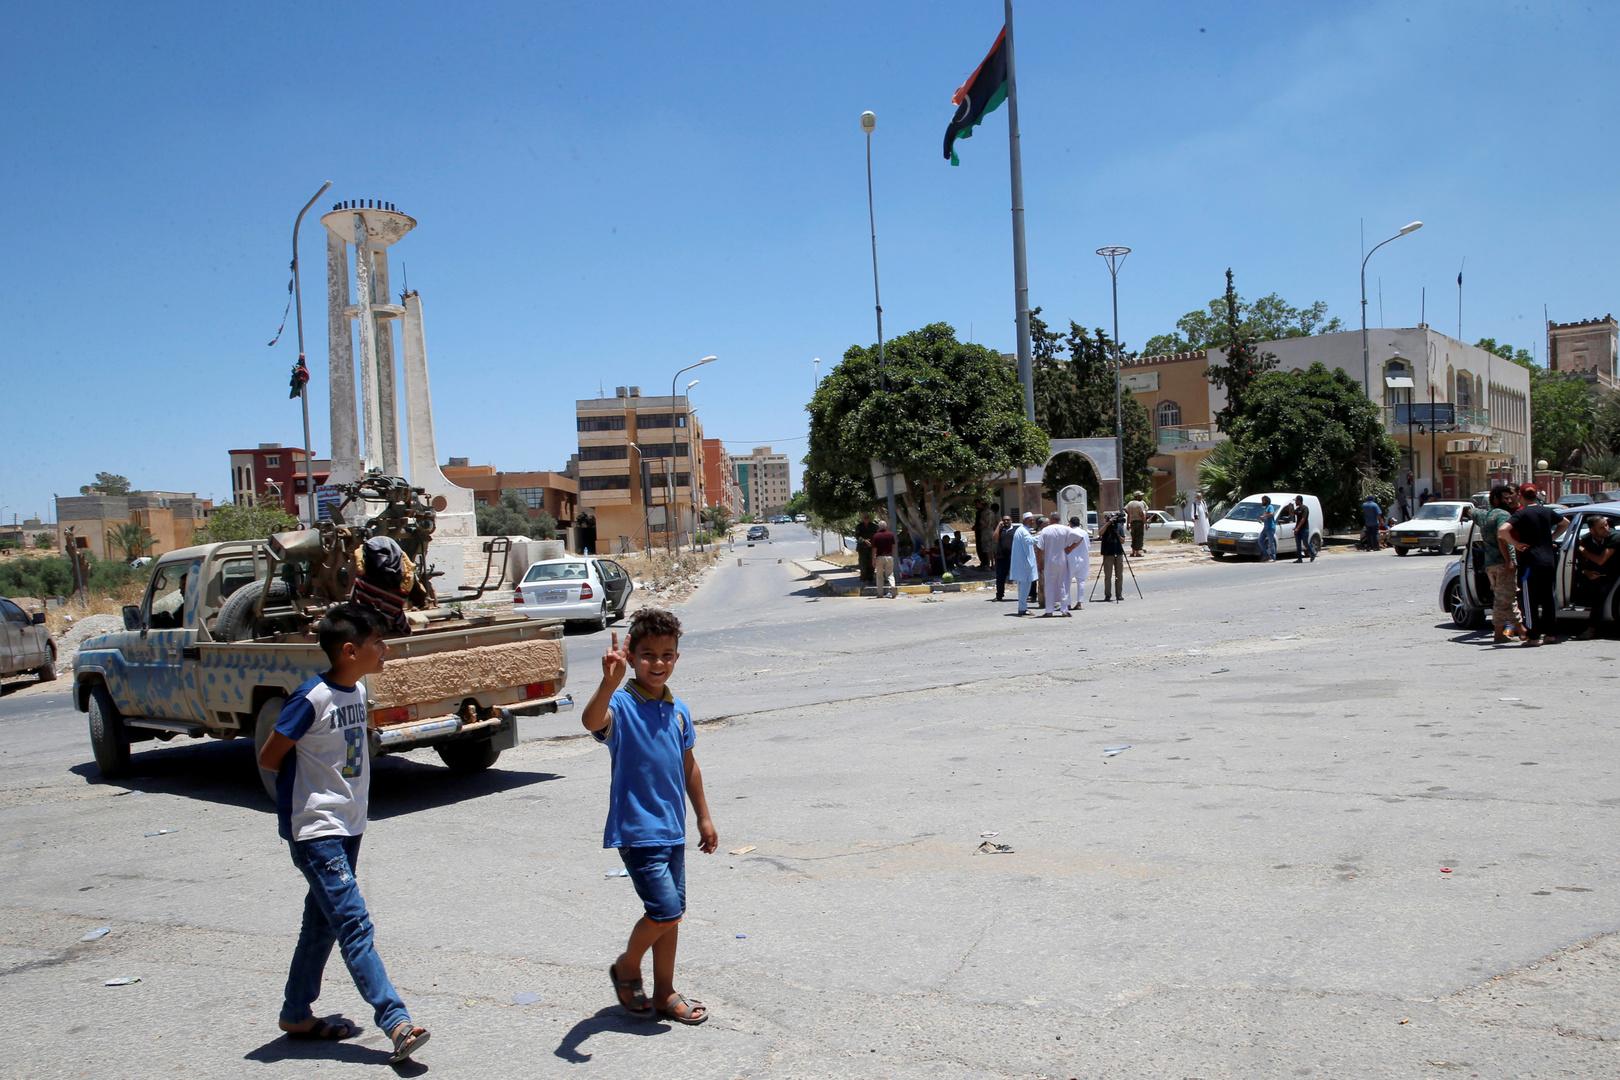 بلدية قلب العاصمة الليبية طرابلس تطالب الأجانب والعرب بالتسجيل لحصرهم